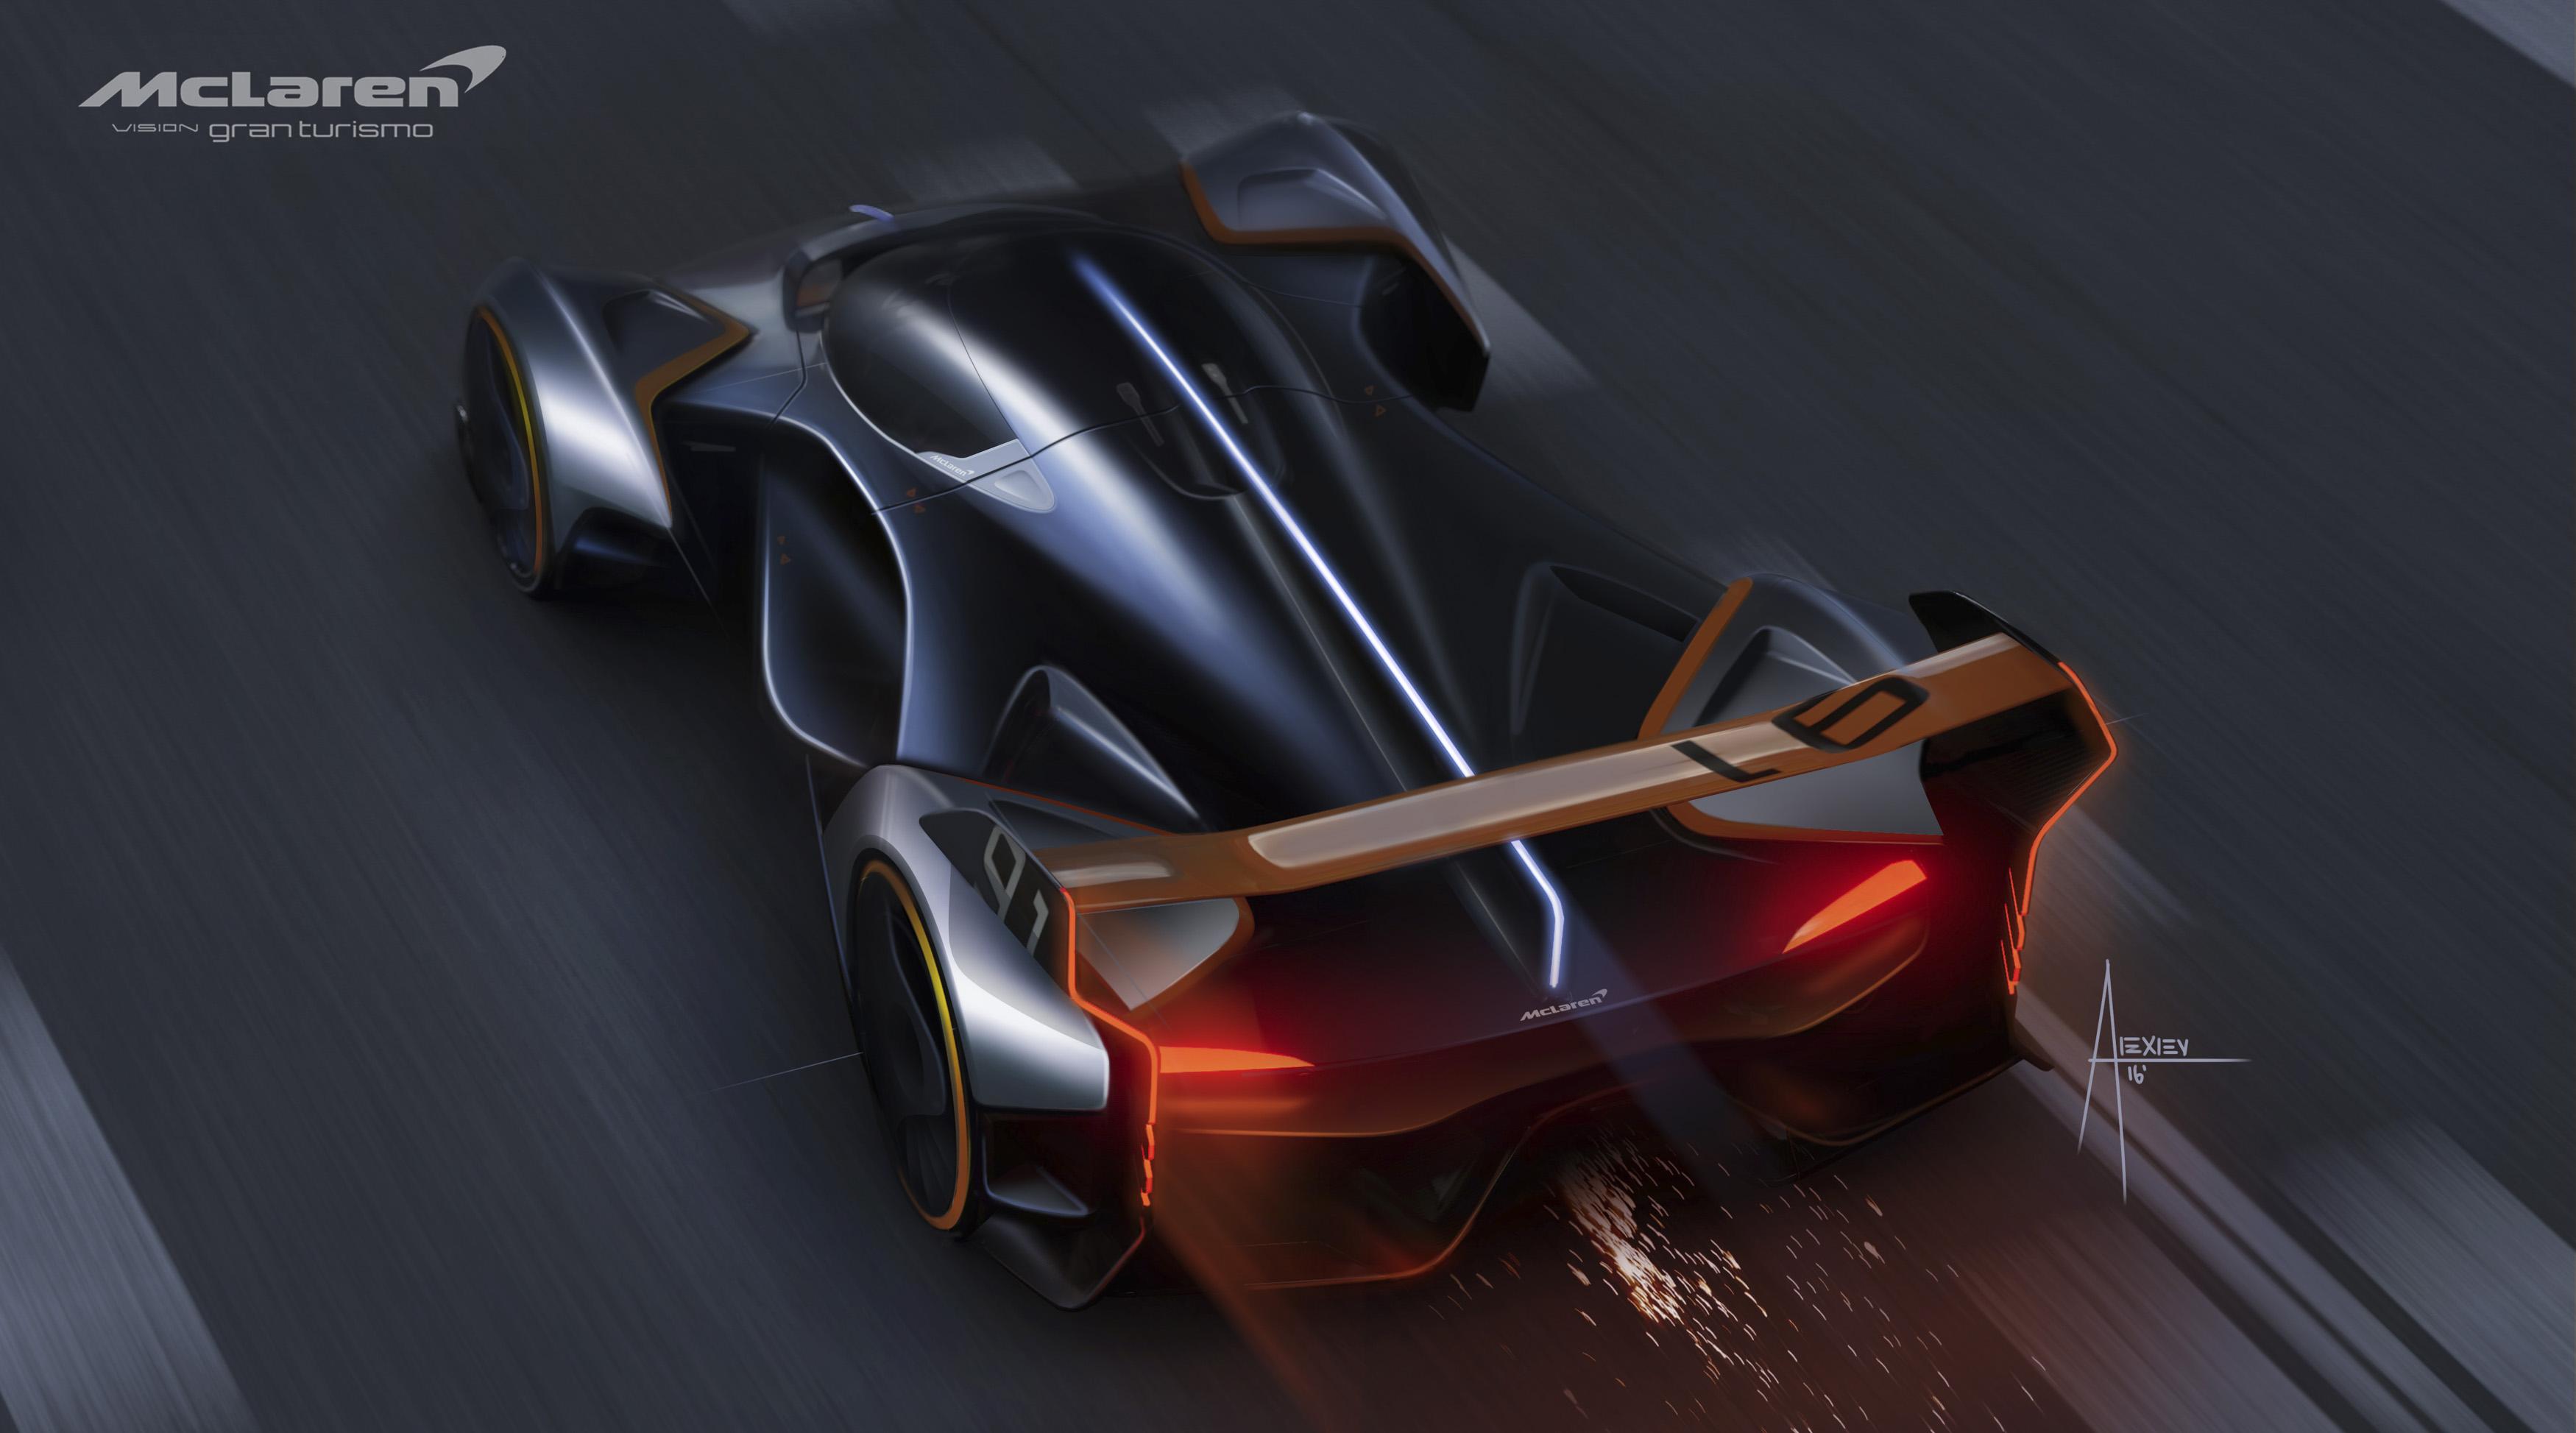 McLaren Ultimate Vision Gran Turismo concept car revealed